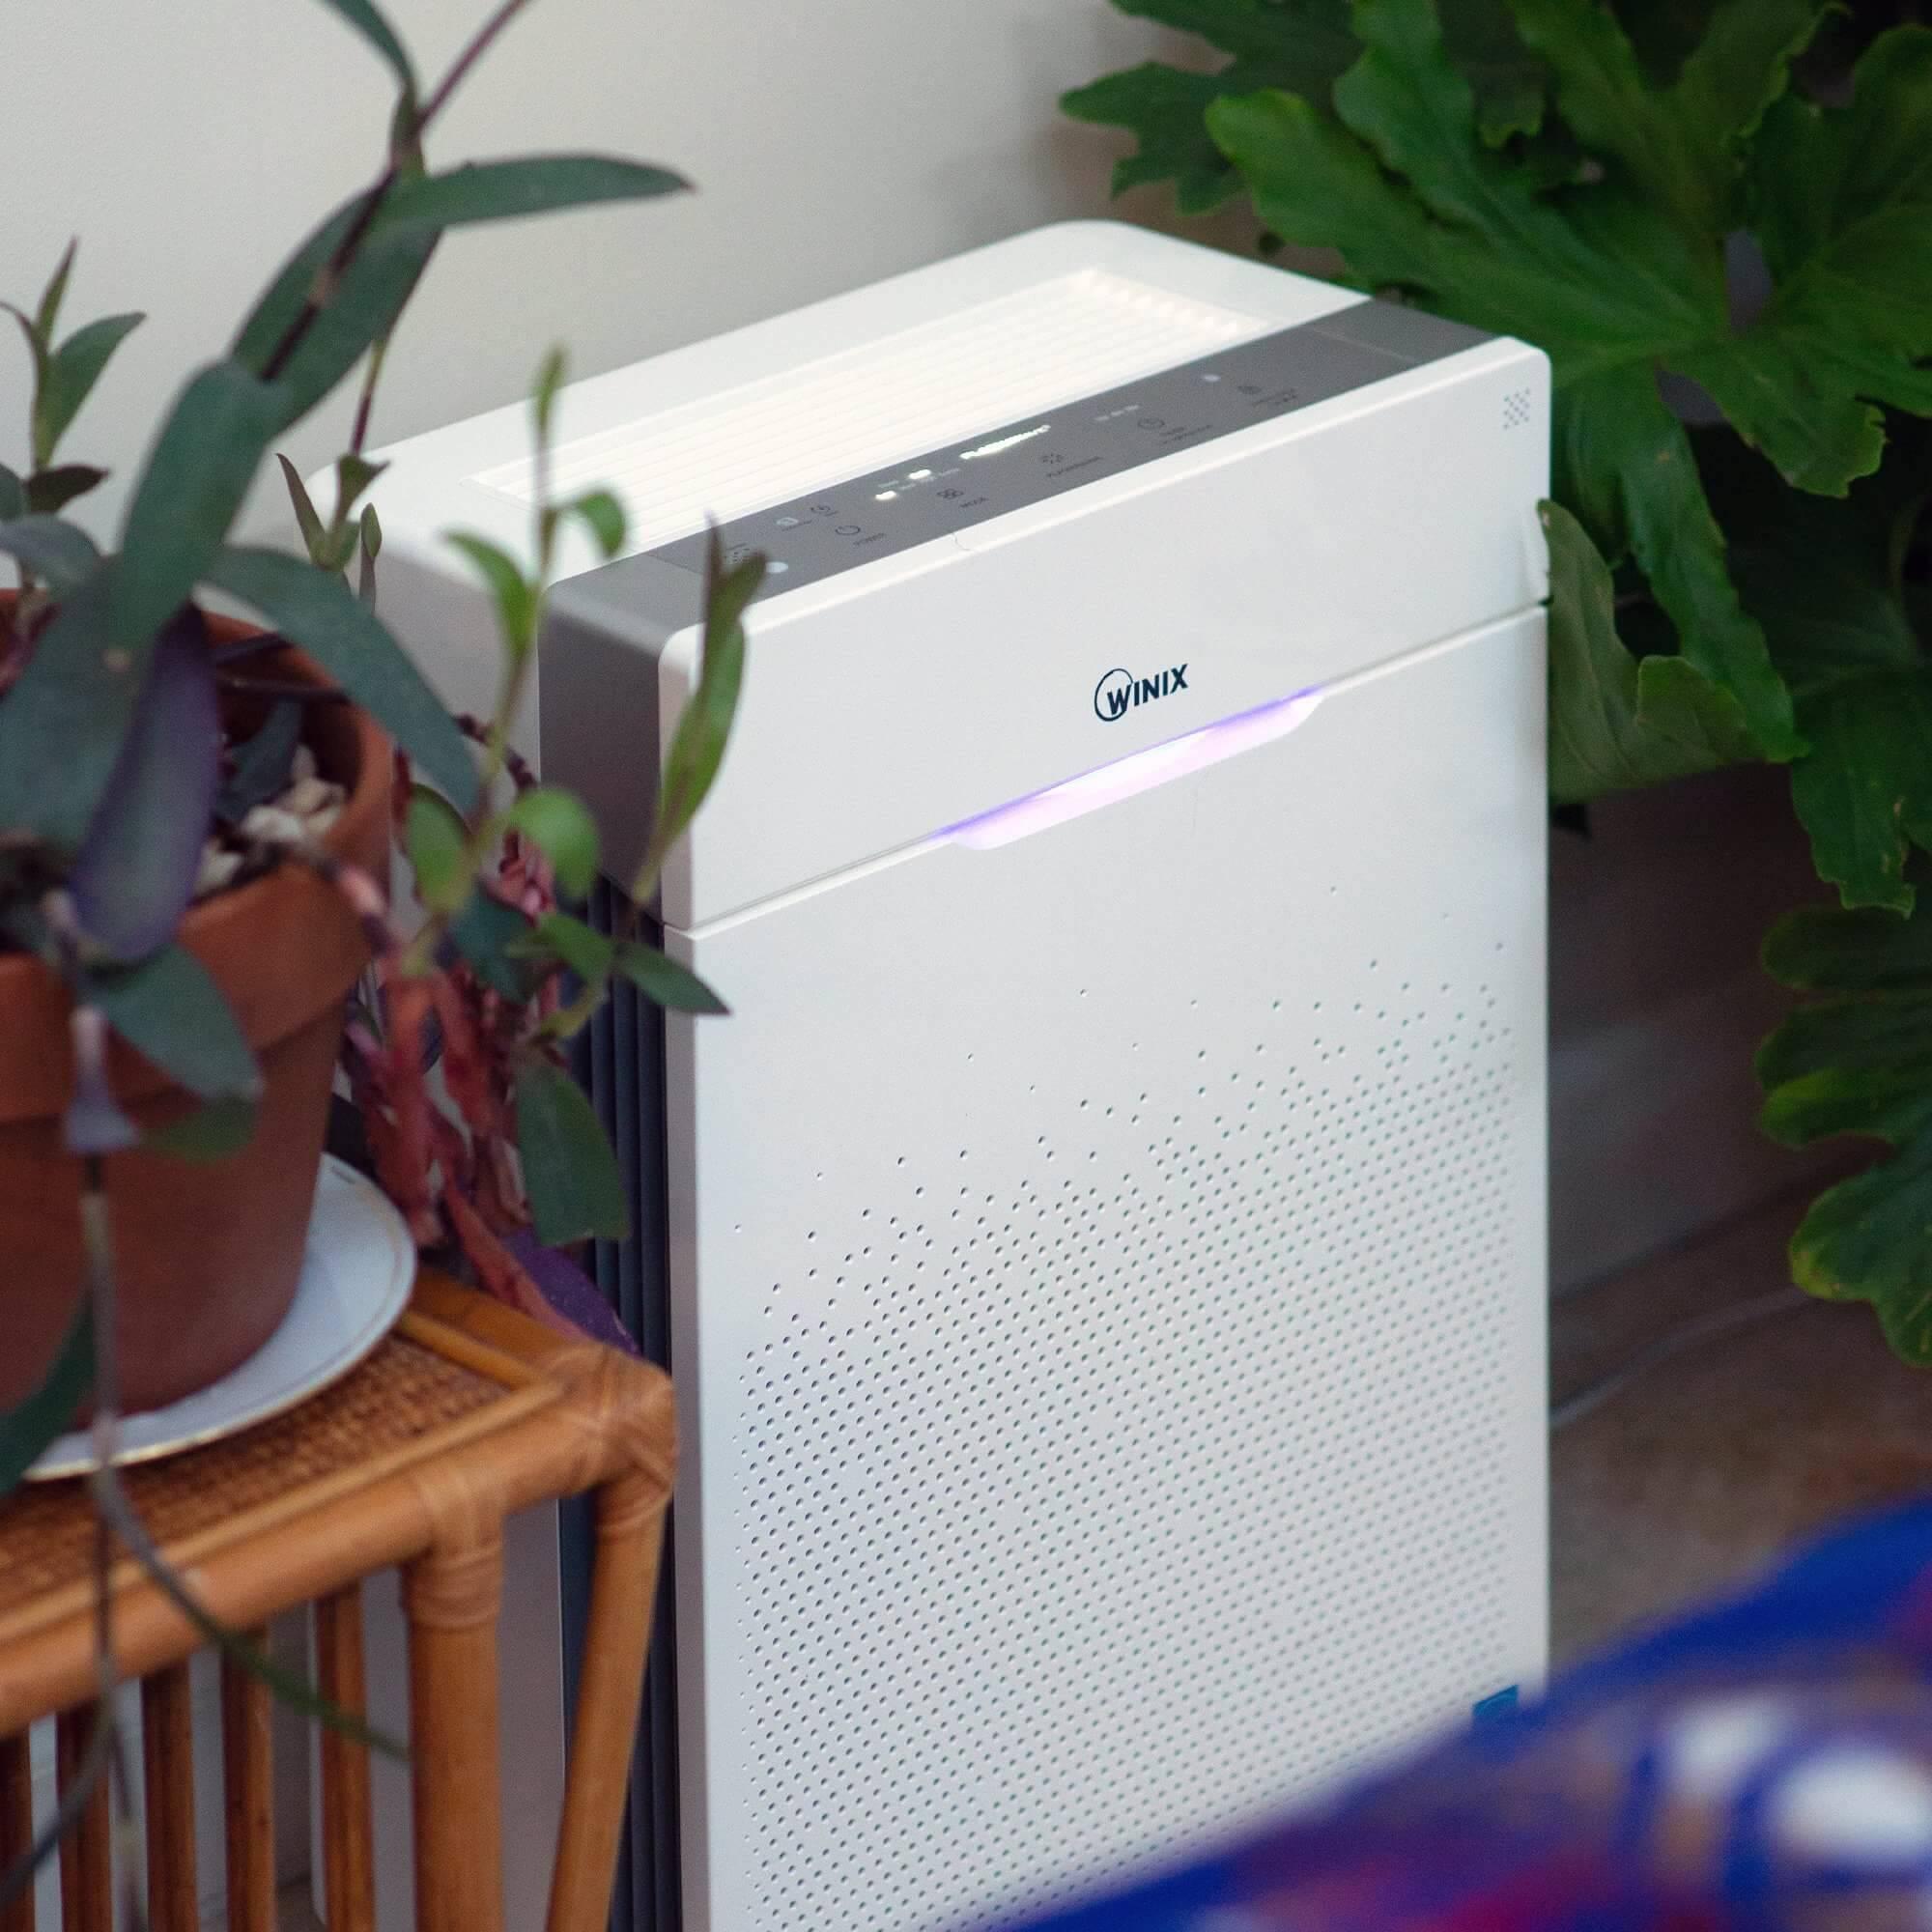 Winix hava temizleme cihazı ile temiz hava soluyun.